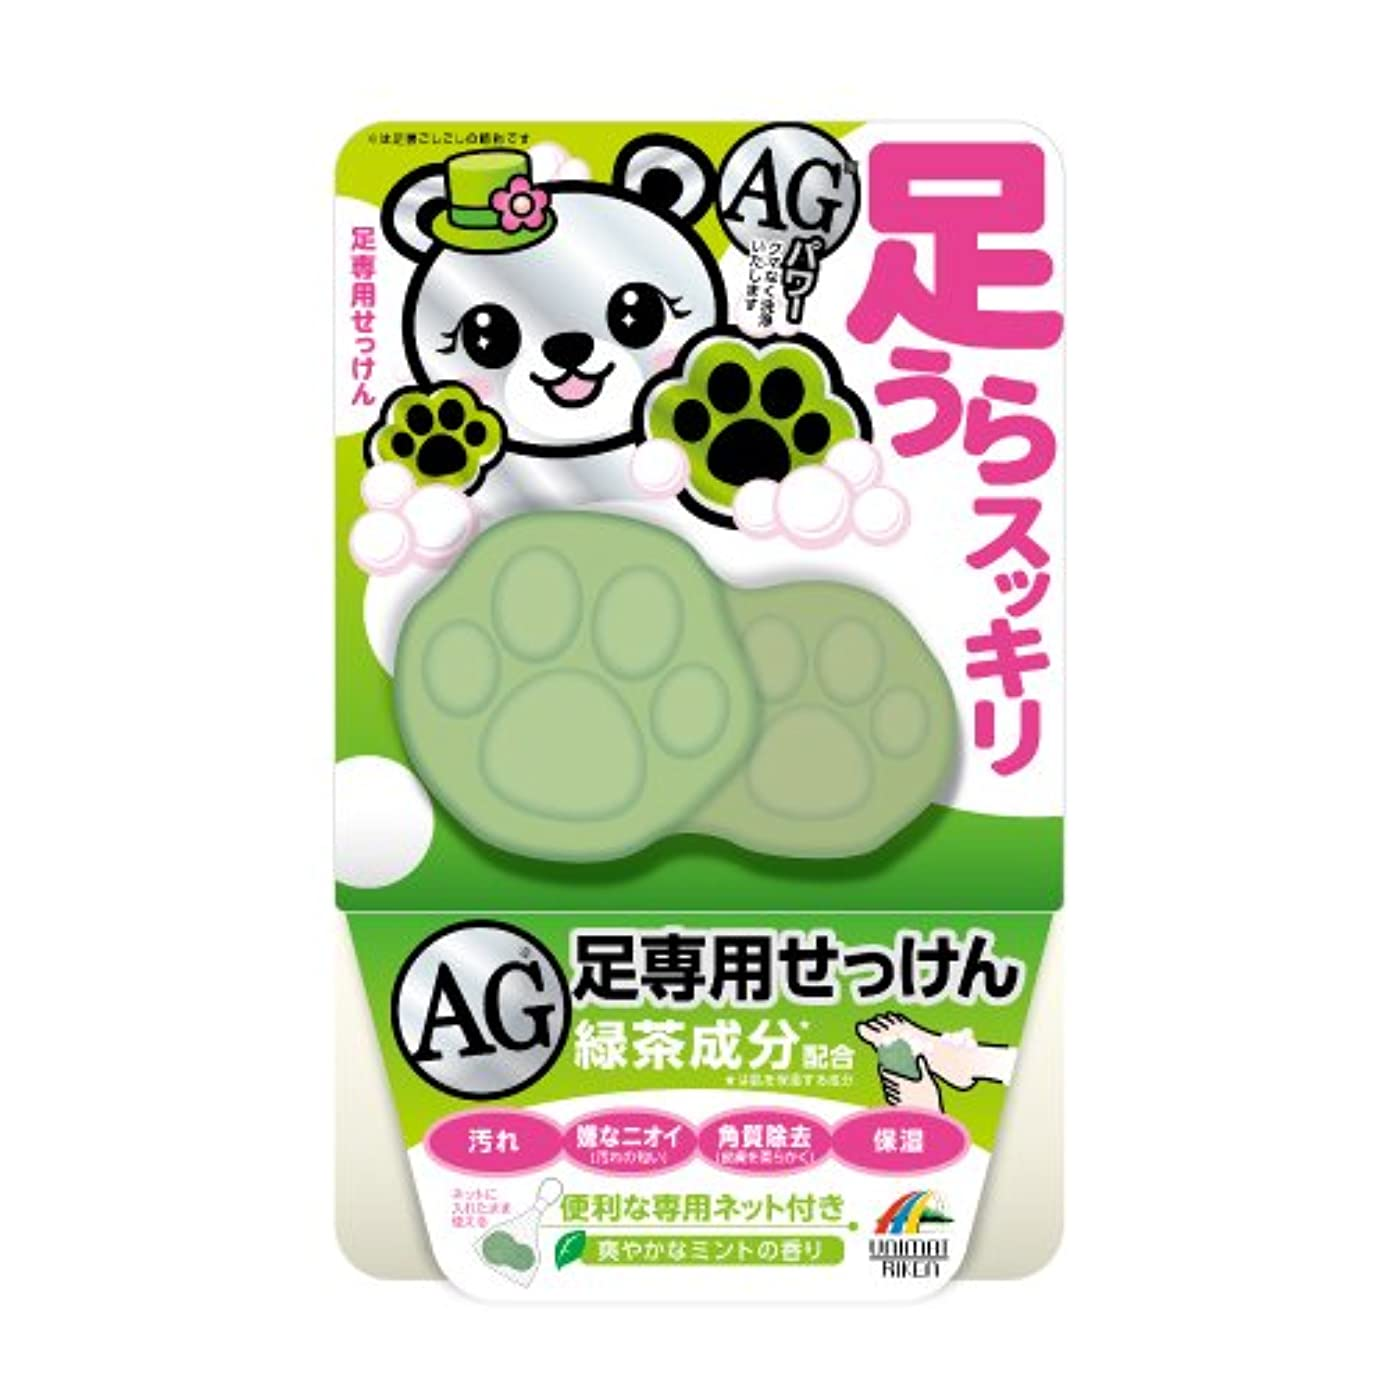 幸運見物人高尚なユニマットリケン 足裏スッキリAG石鹸(緑茶成分配合) 70g